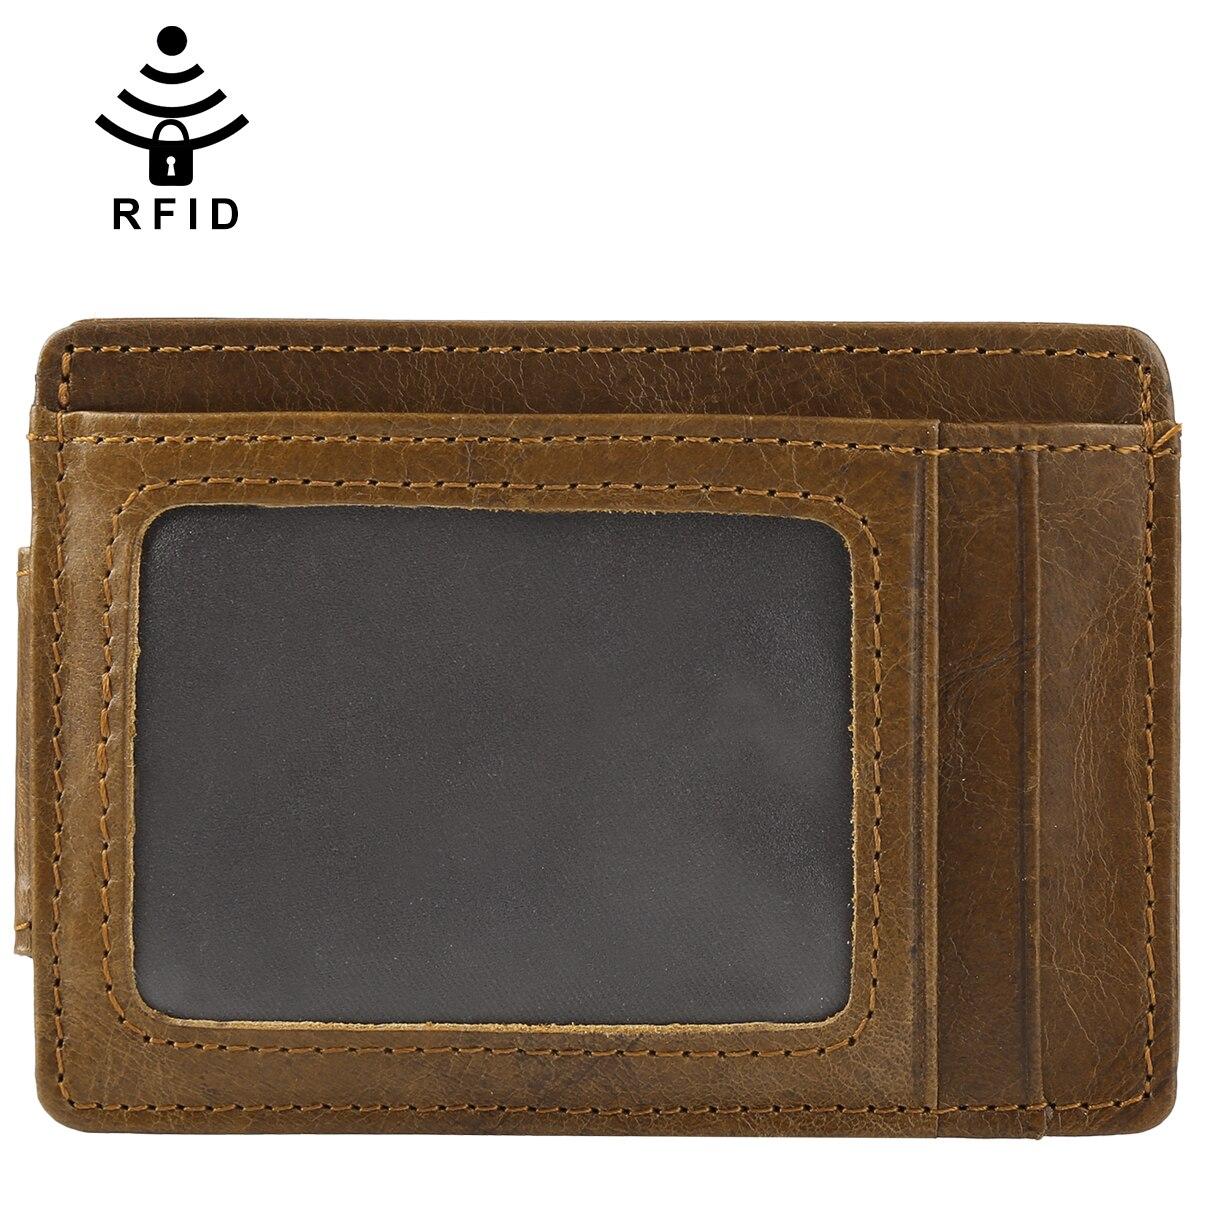 Vbiger Men RFID Blocking Genuine Leather Slim Front Pocket Wallet Multi-functional Credit